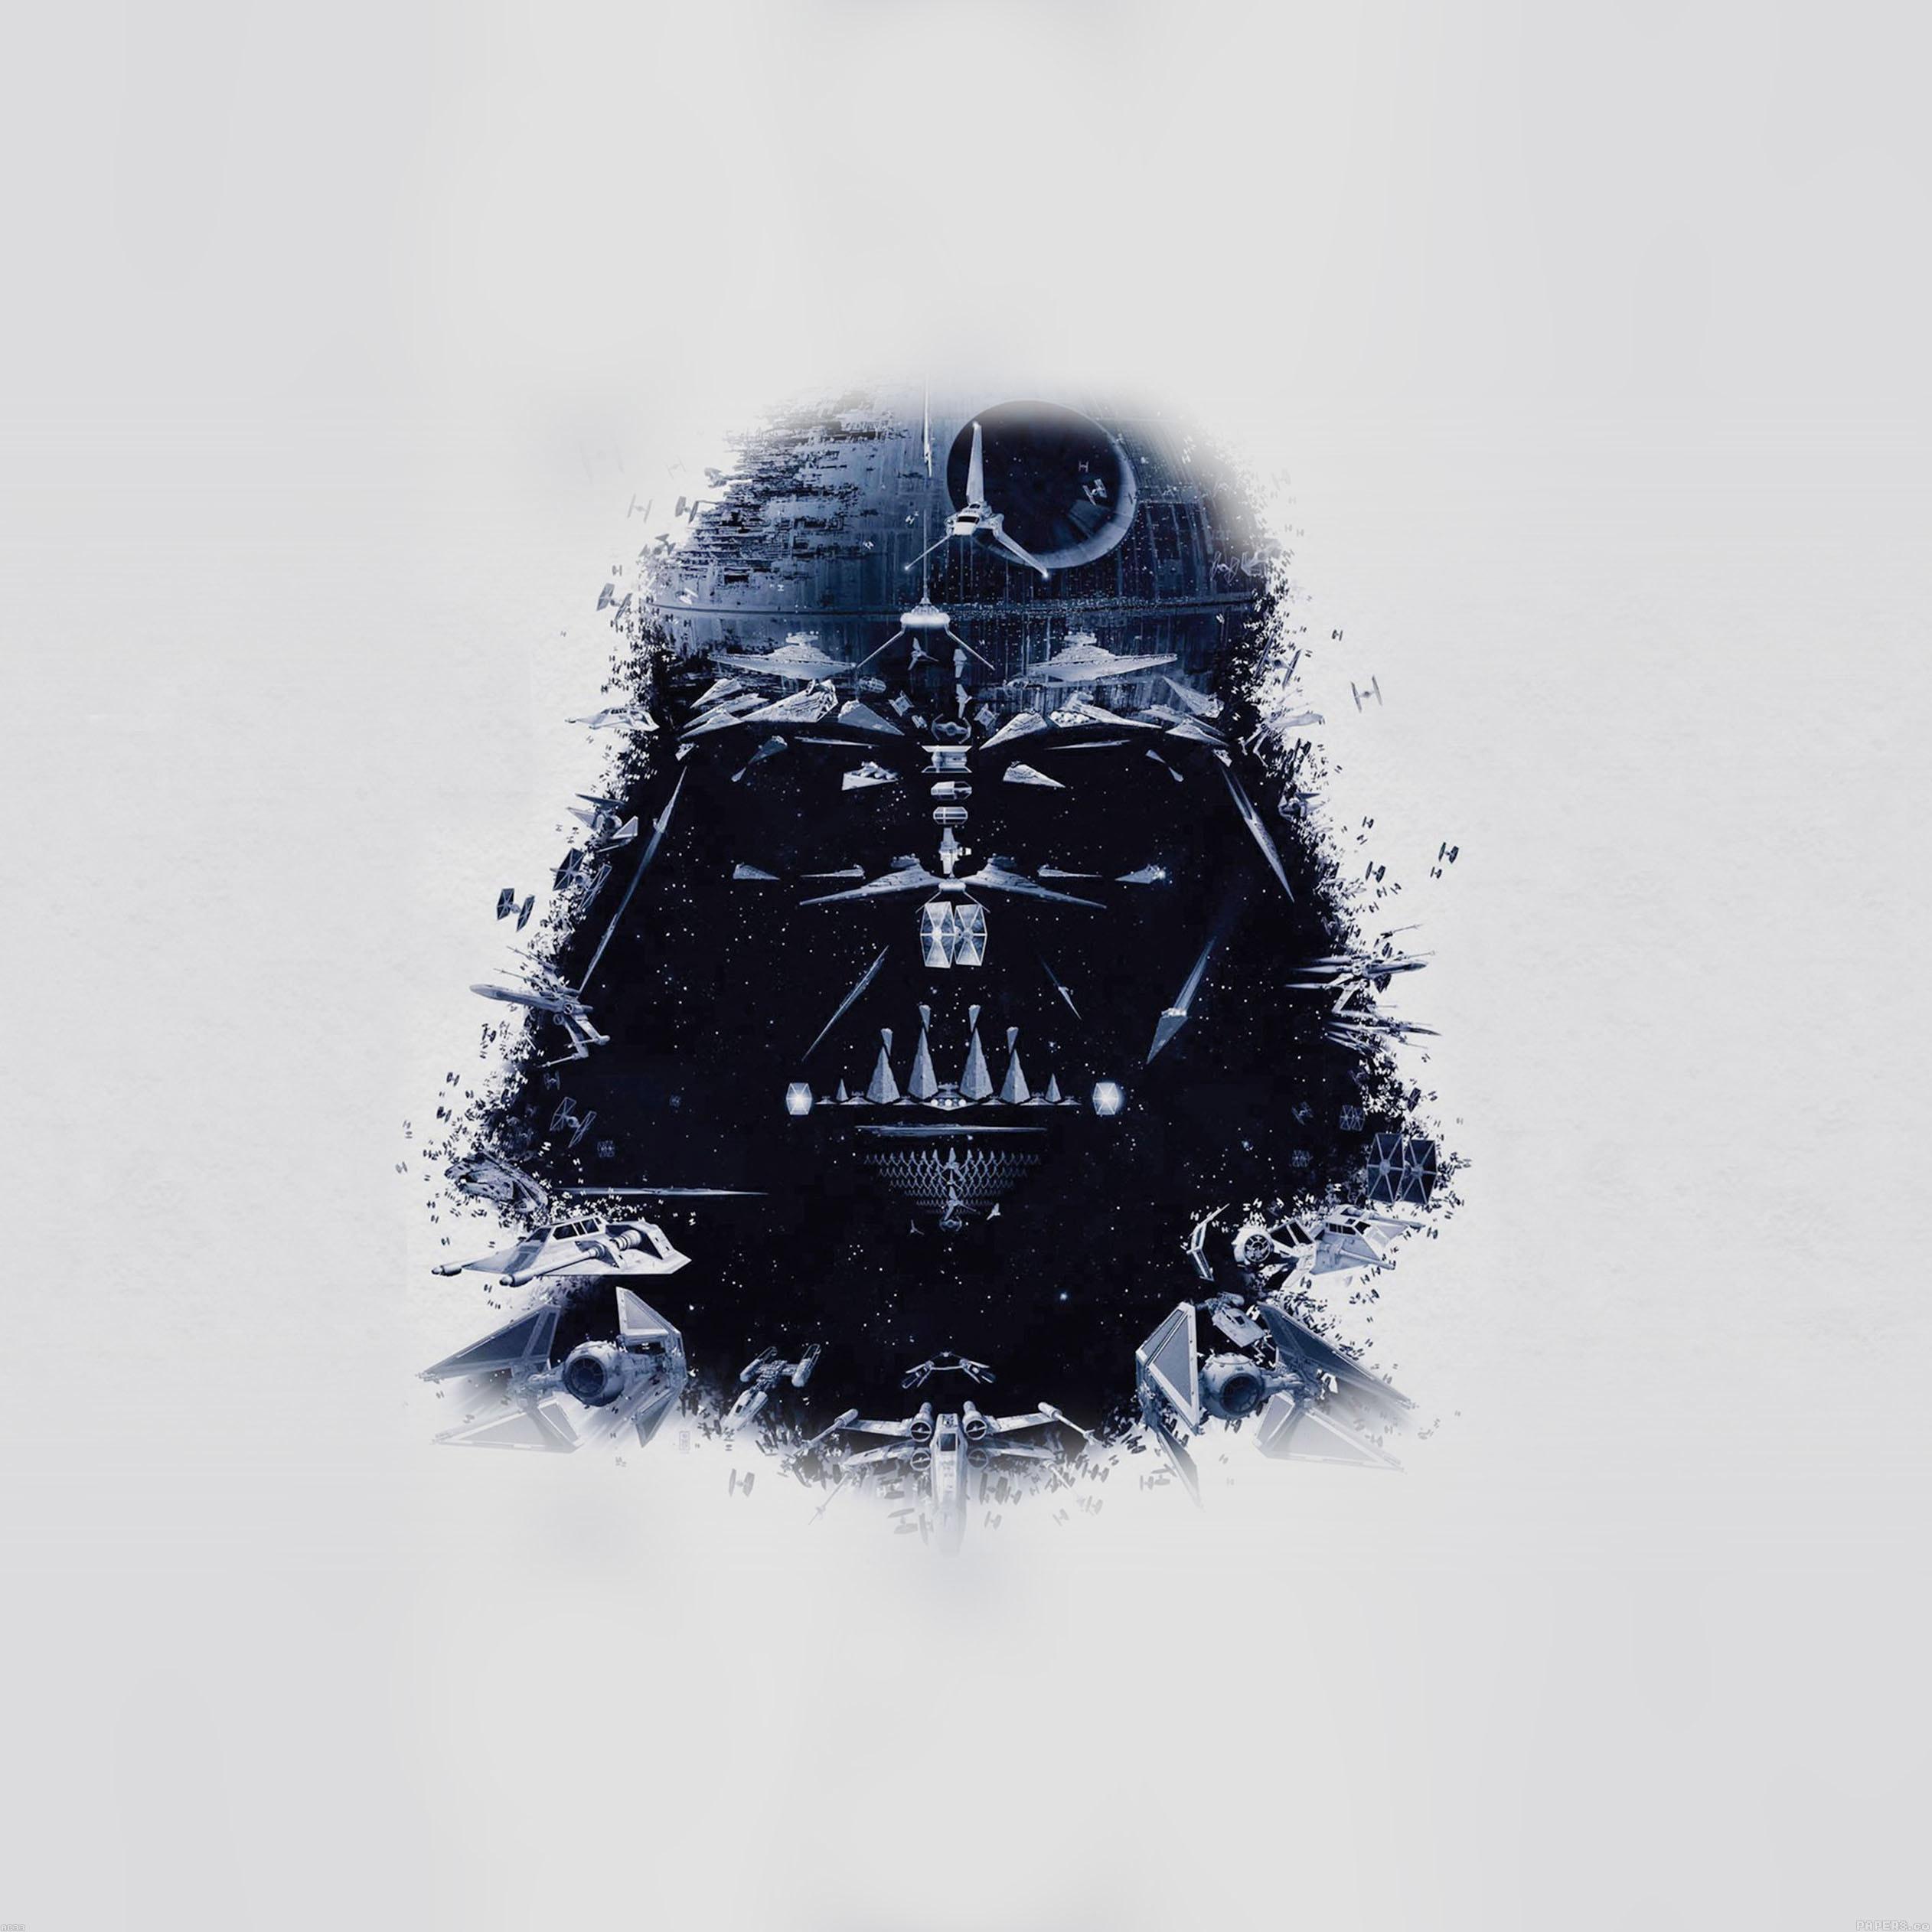 wallpaper-darth-vader-art-star-wars-illust-9-wallpaper